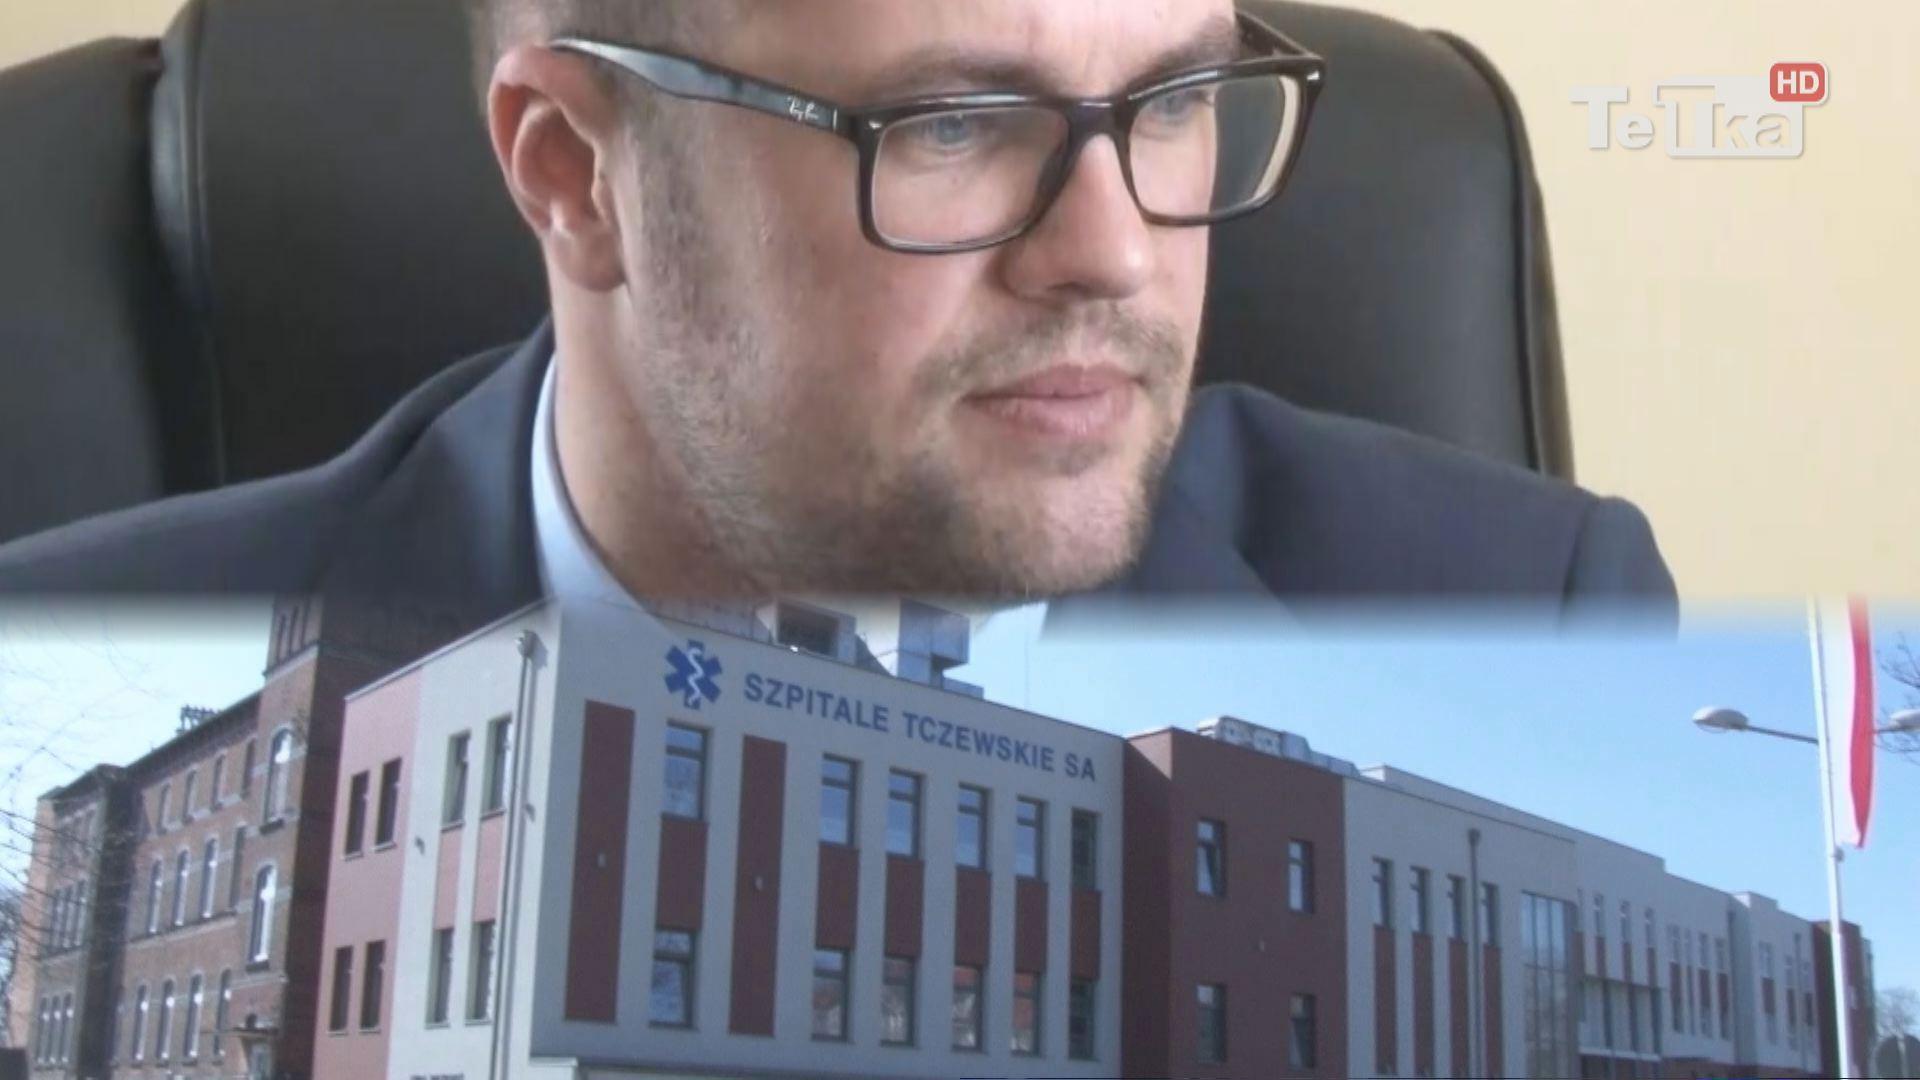 szpitale tczewskie